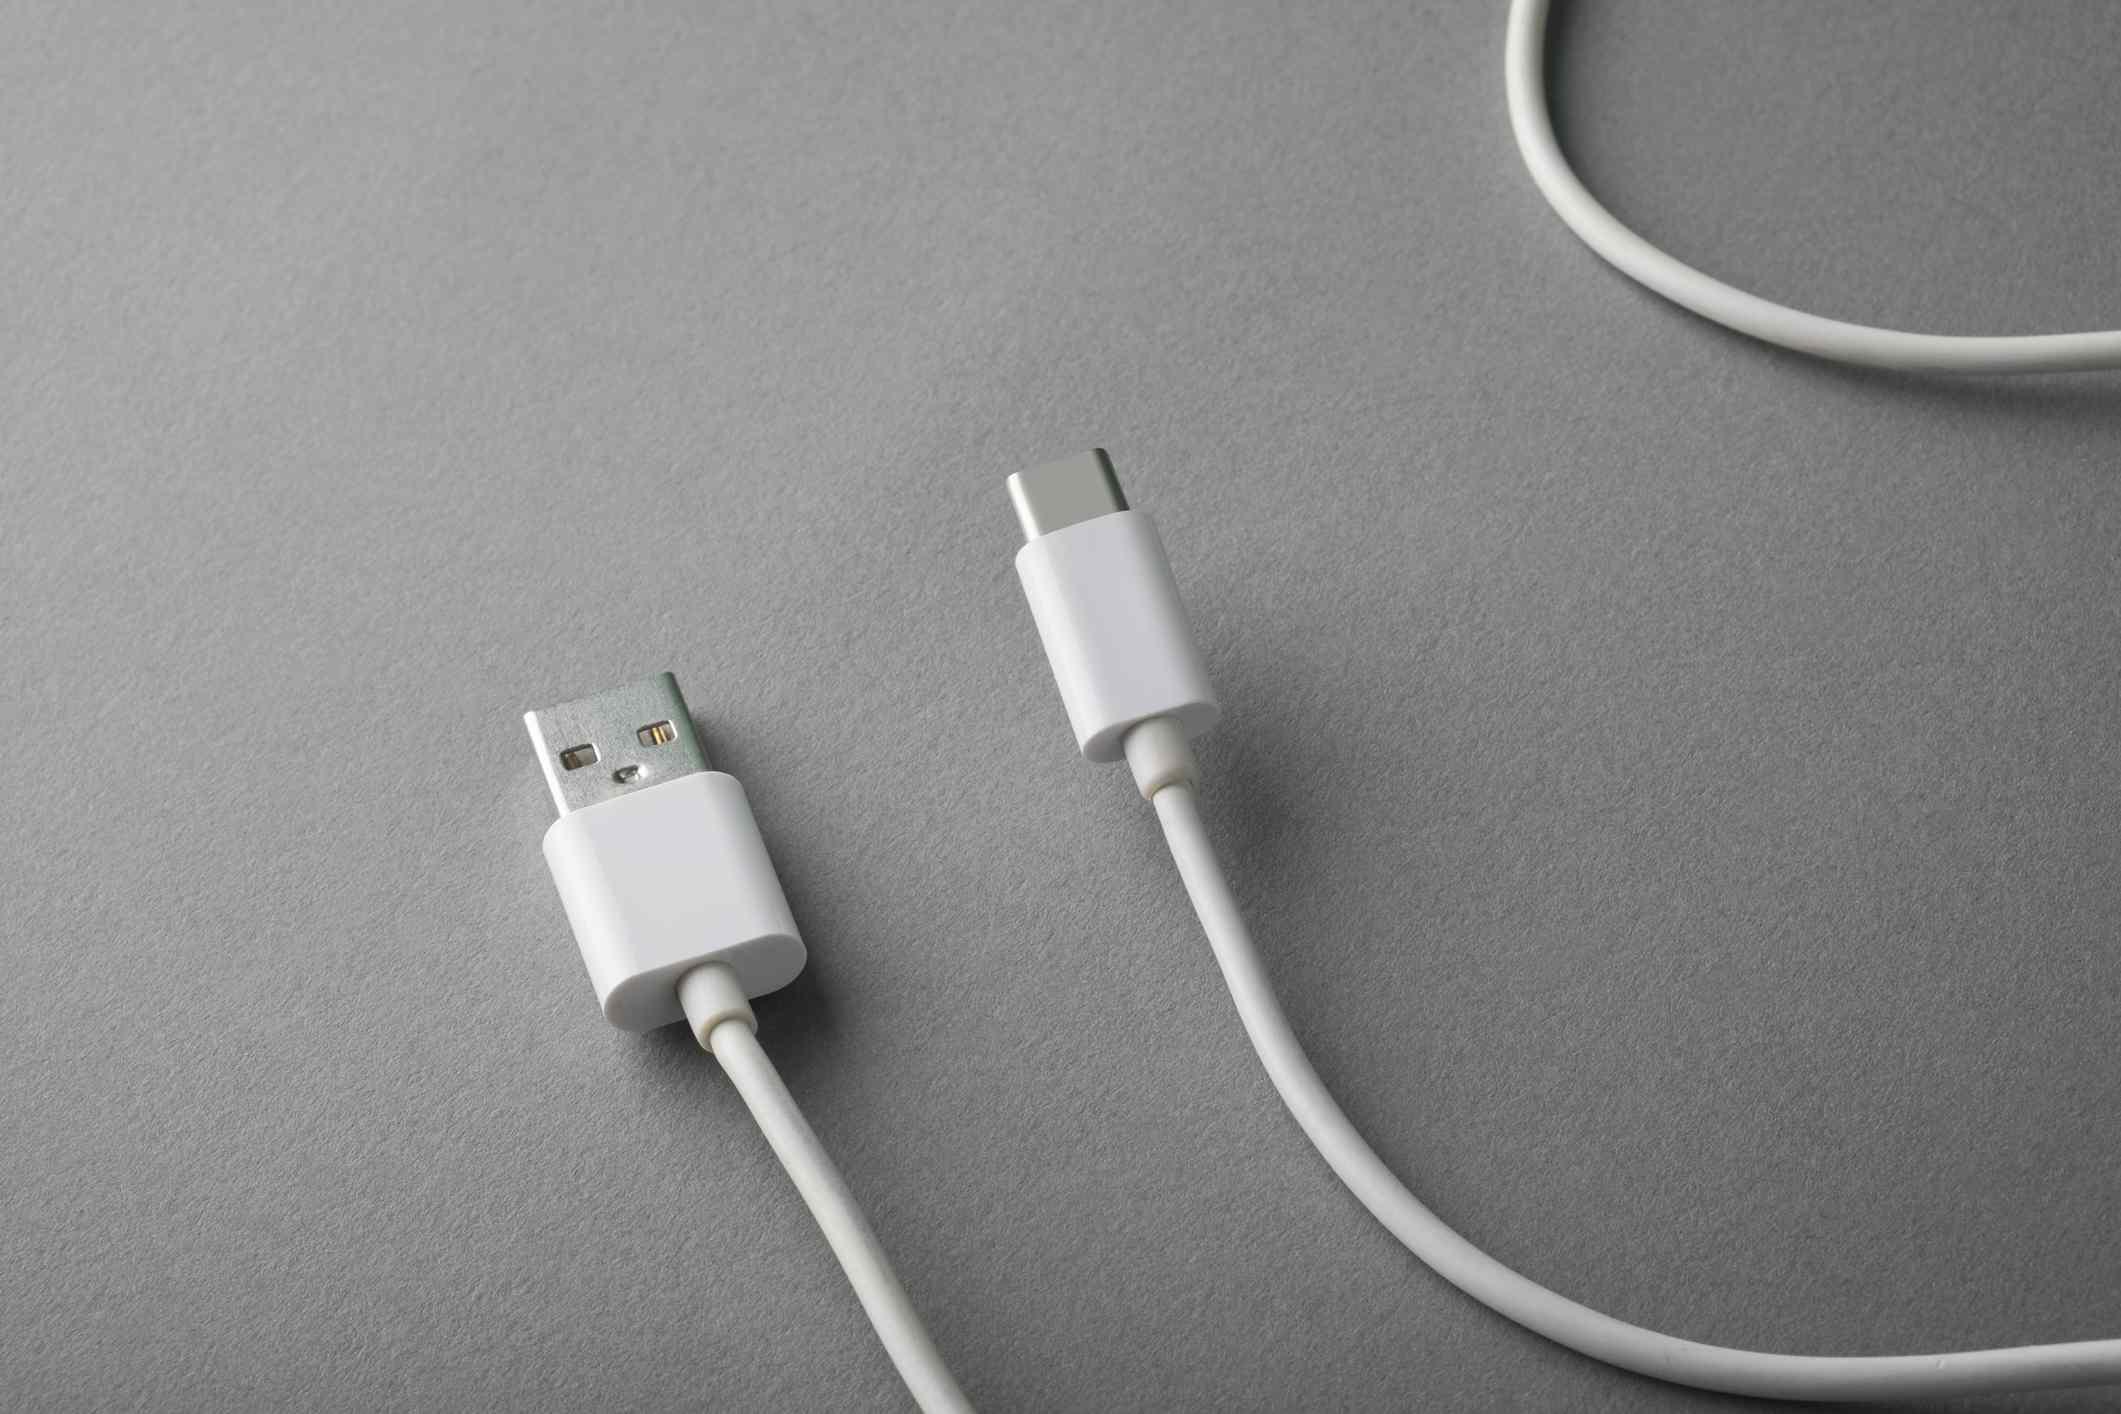 Closeup of a USB-C charging cable.